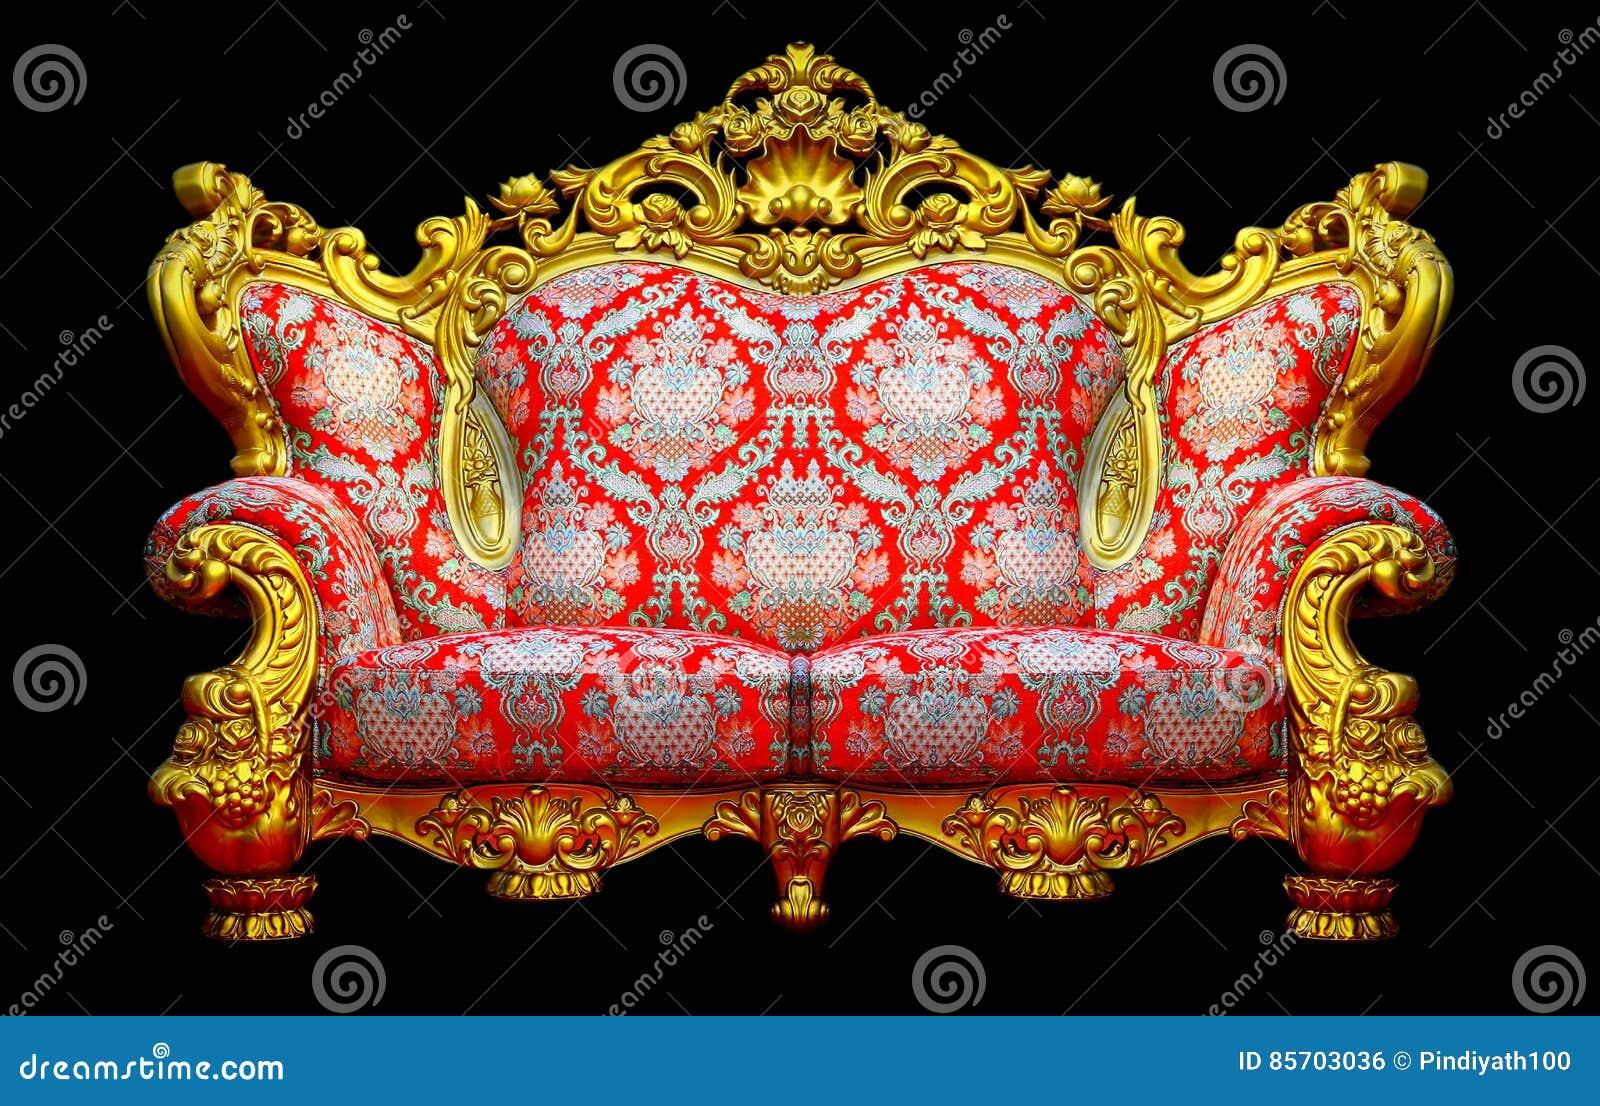 Μπαρόκ καναπές με το χρυσό πλαίσιο